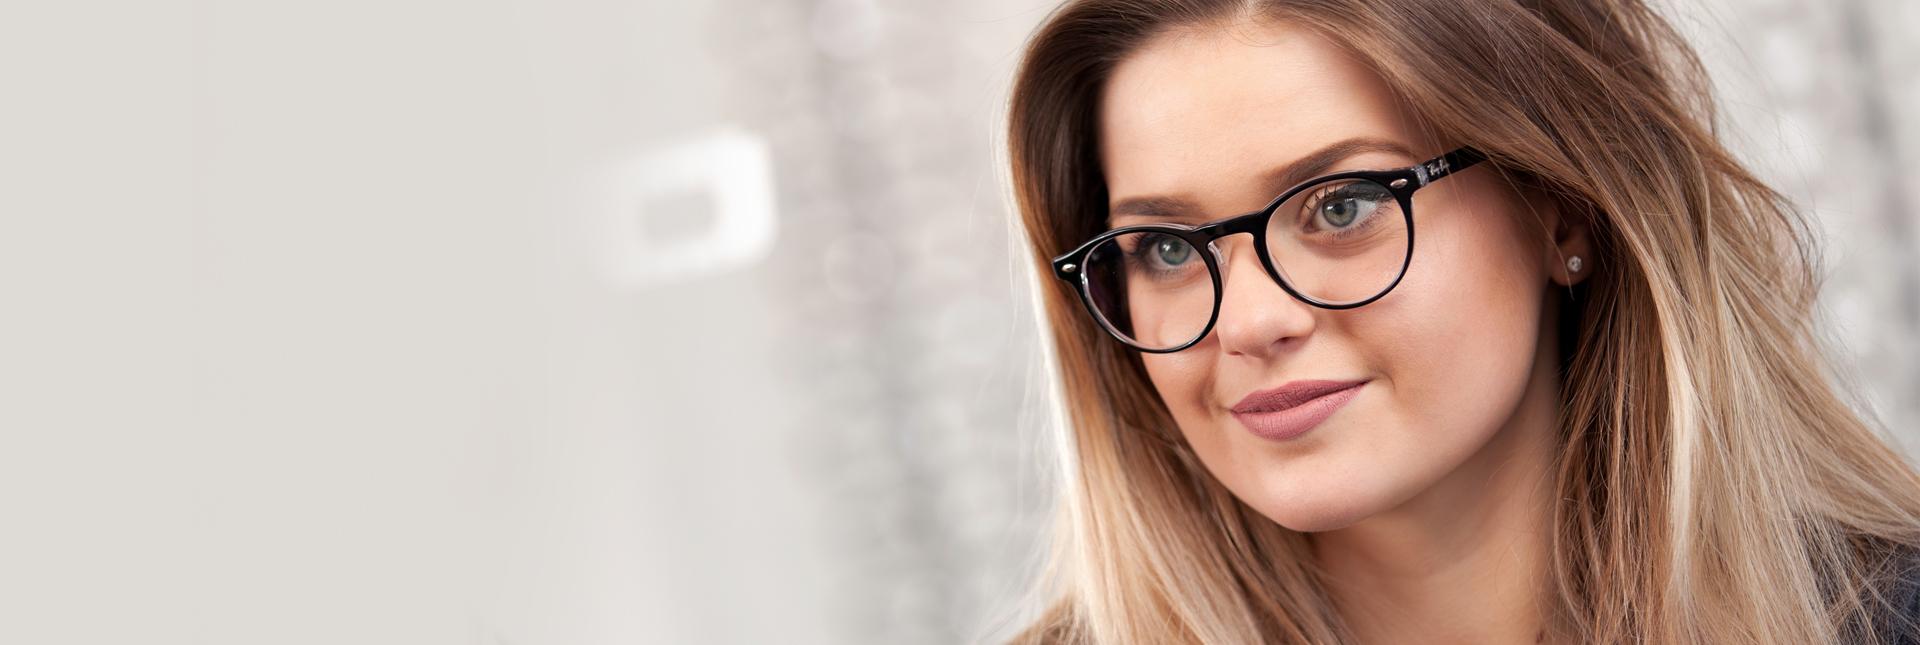 girl wearing designer glasses